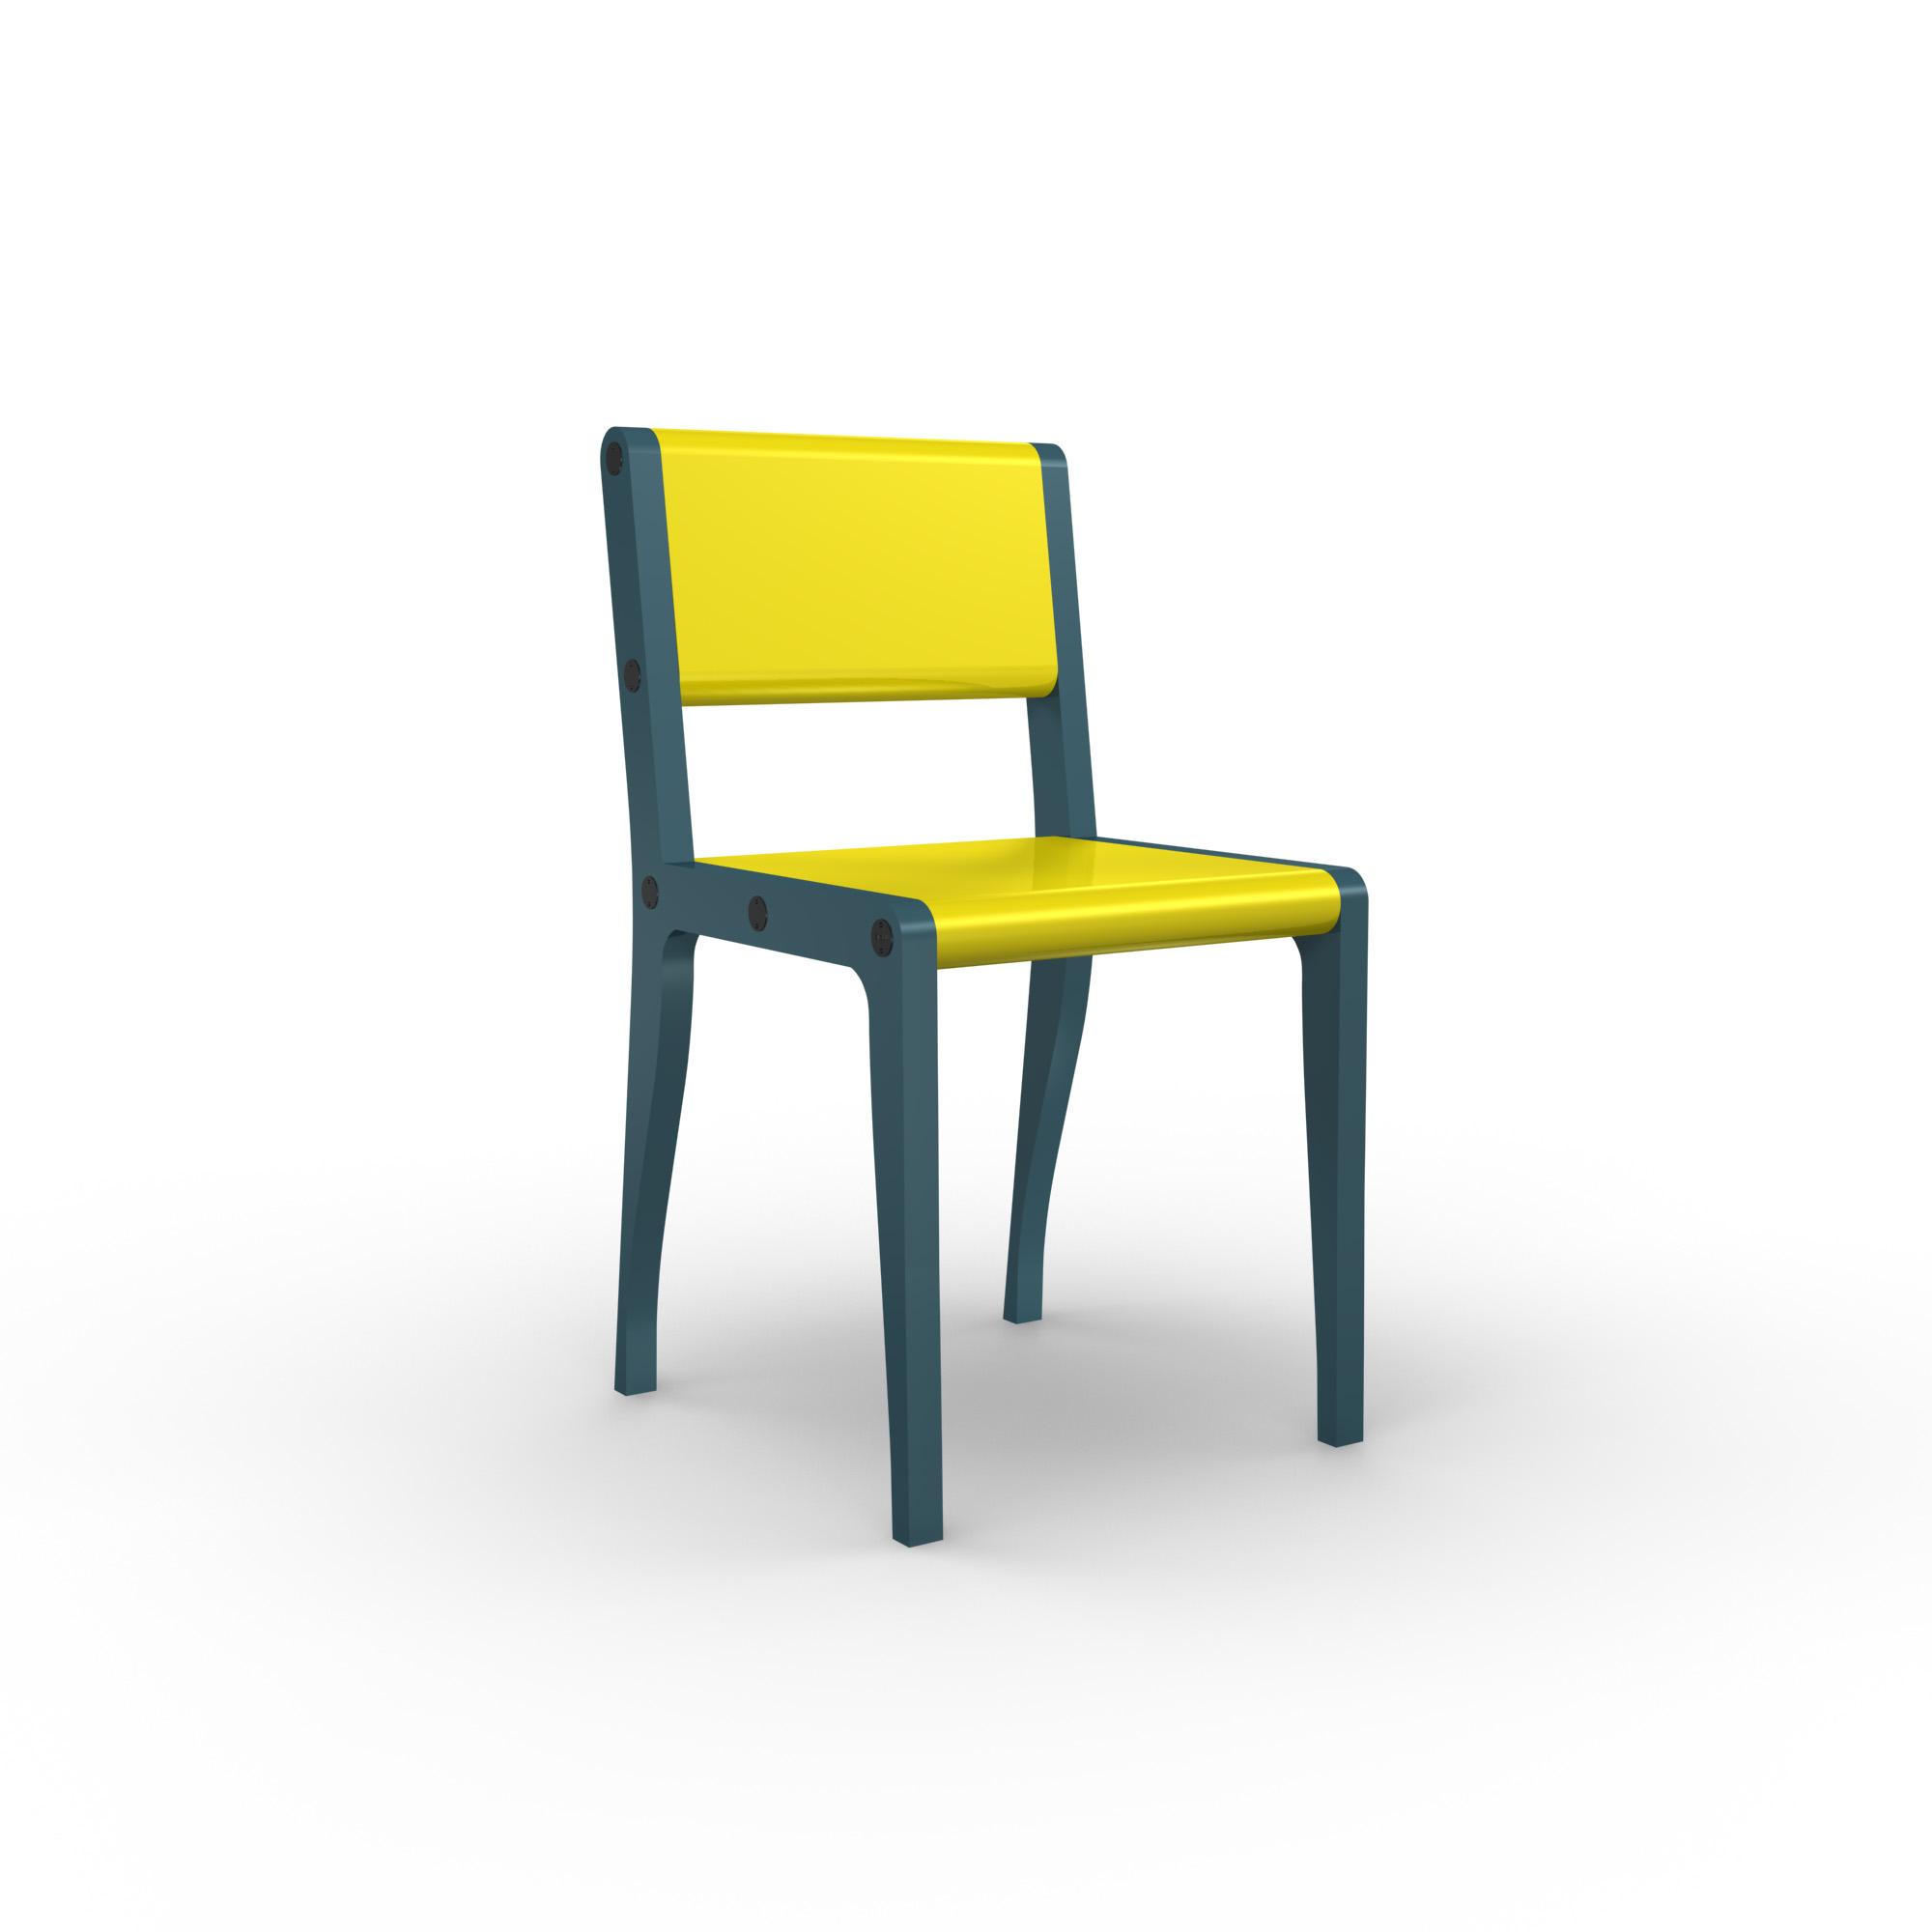 diseño industrial santander - Beusual - Sirak - silla confidente